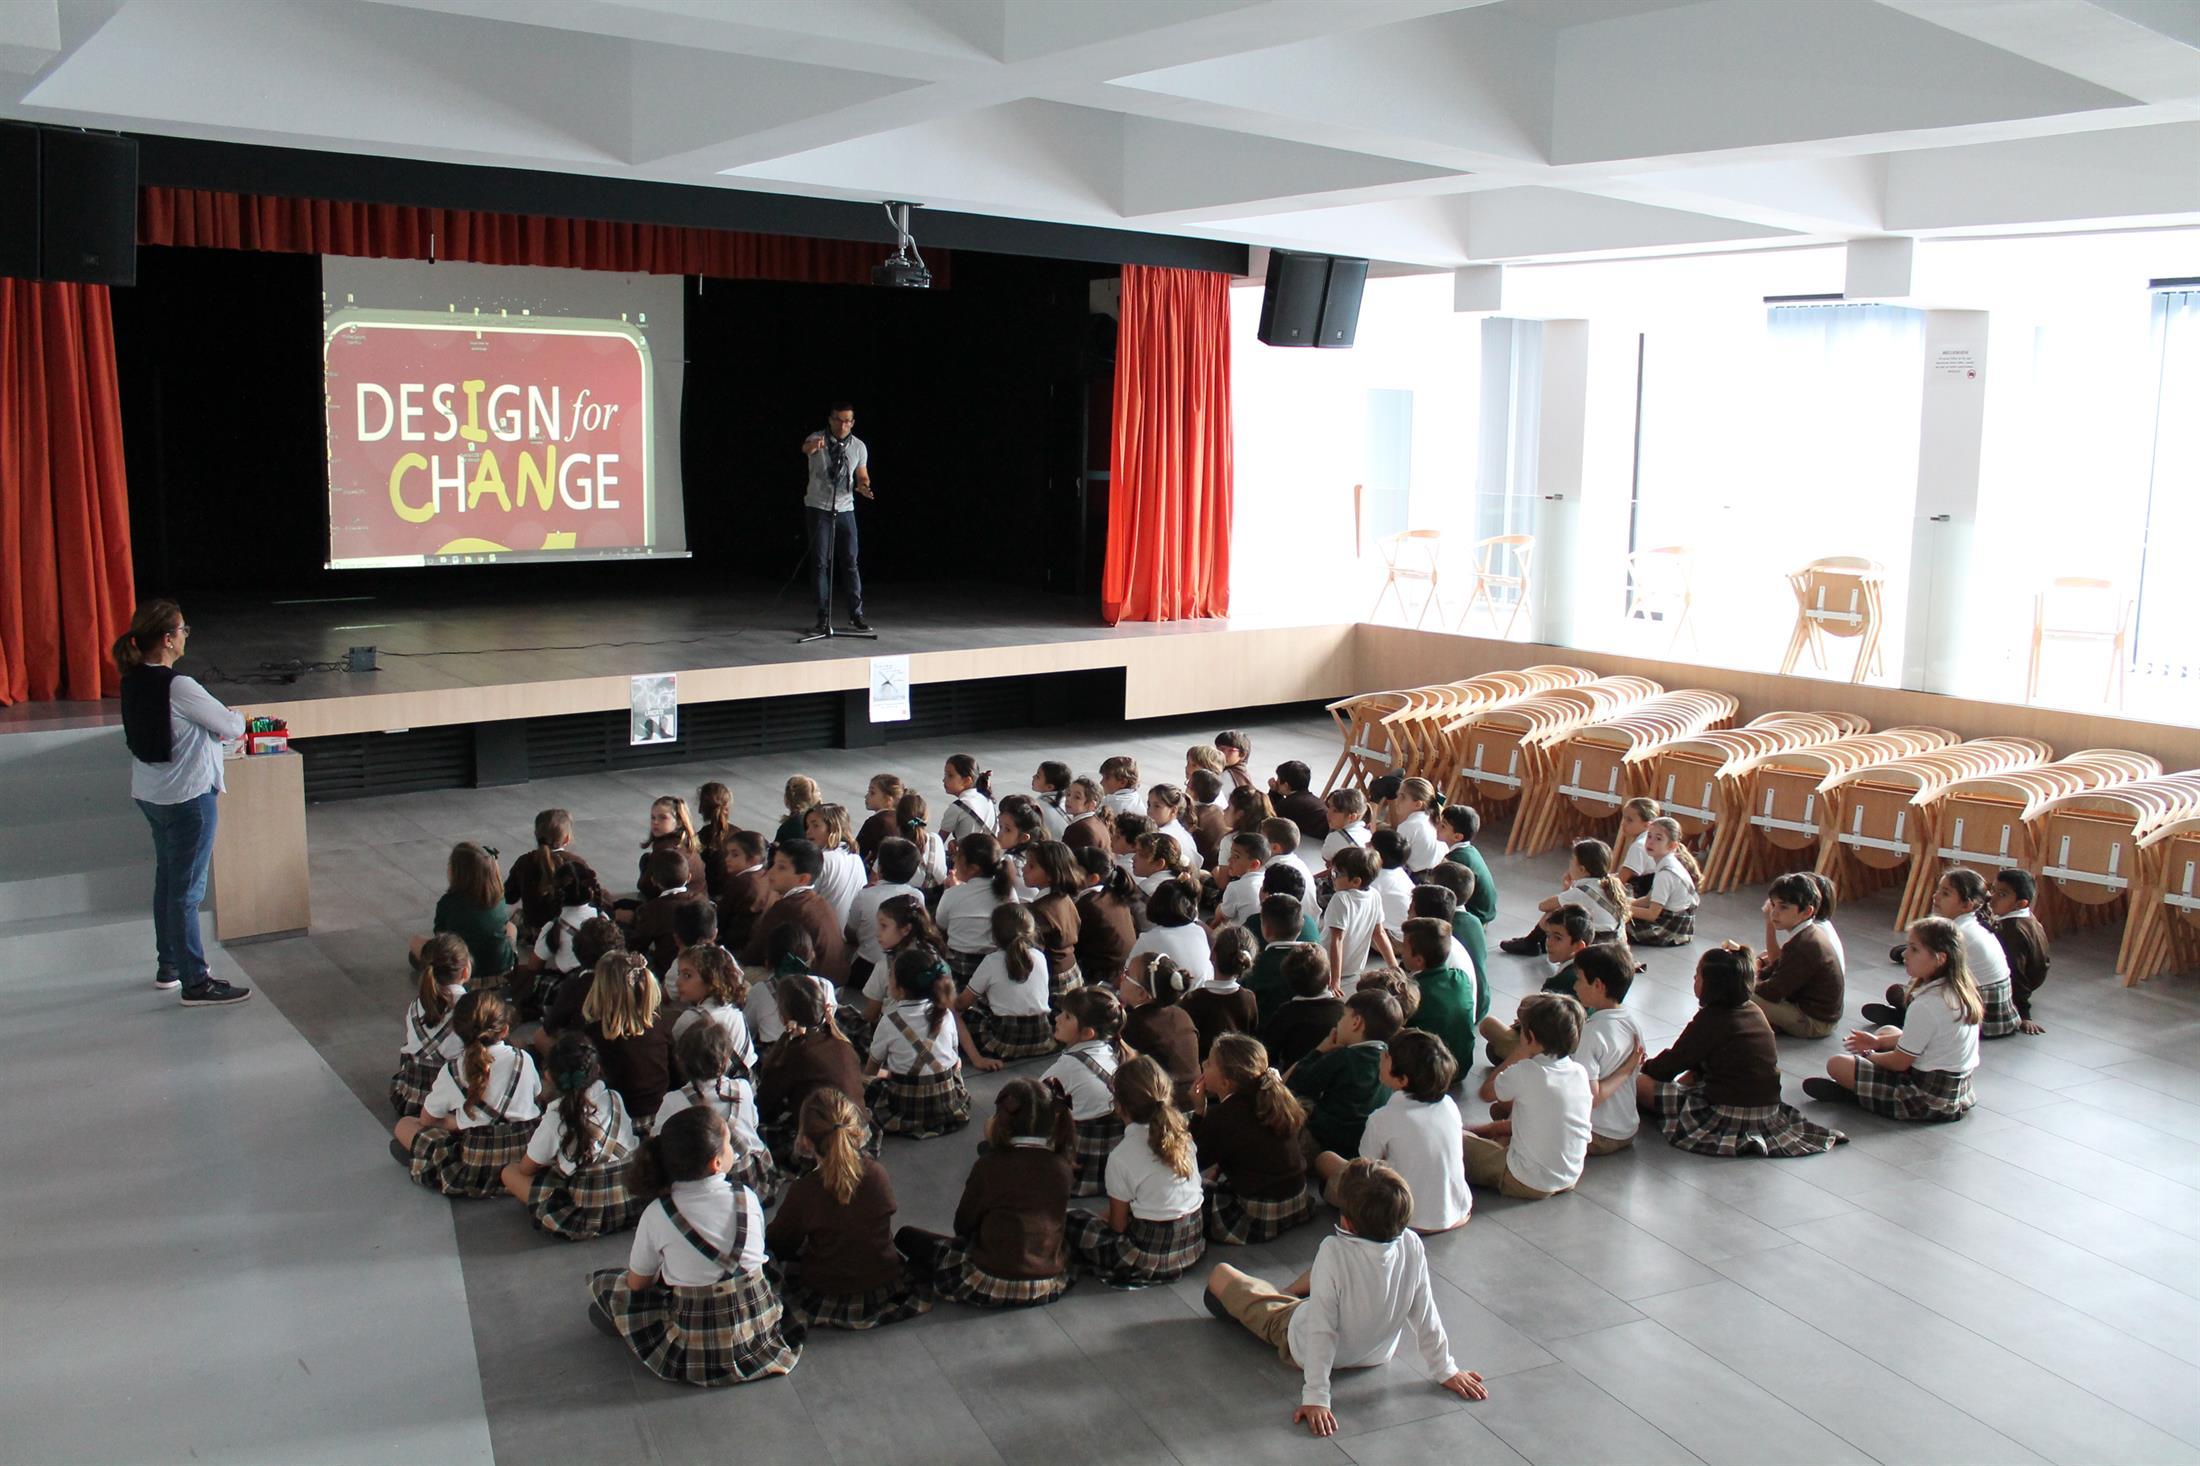 Foto de fundo de um salão, em que há crianças sentadas enfileiradas assistindo a um telão com o logo do Design For Change.